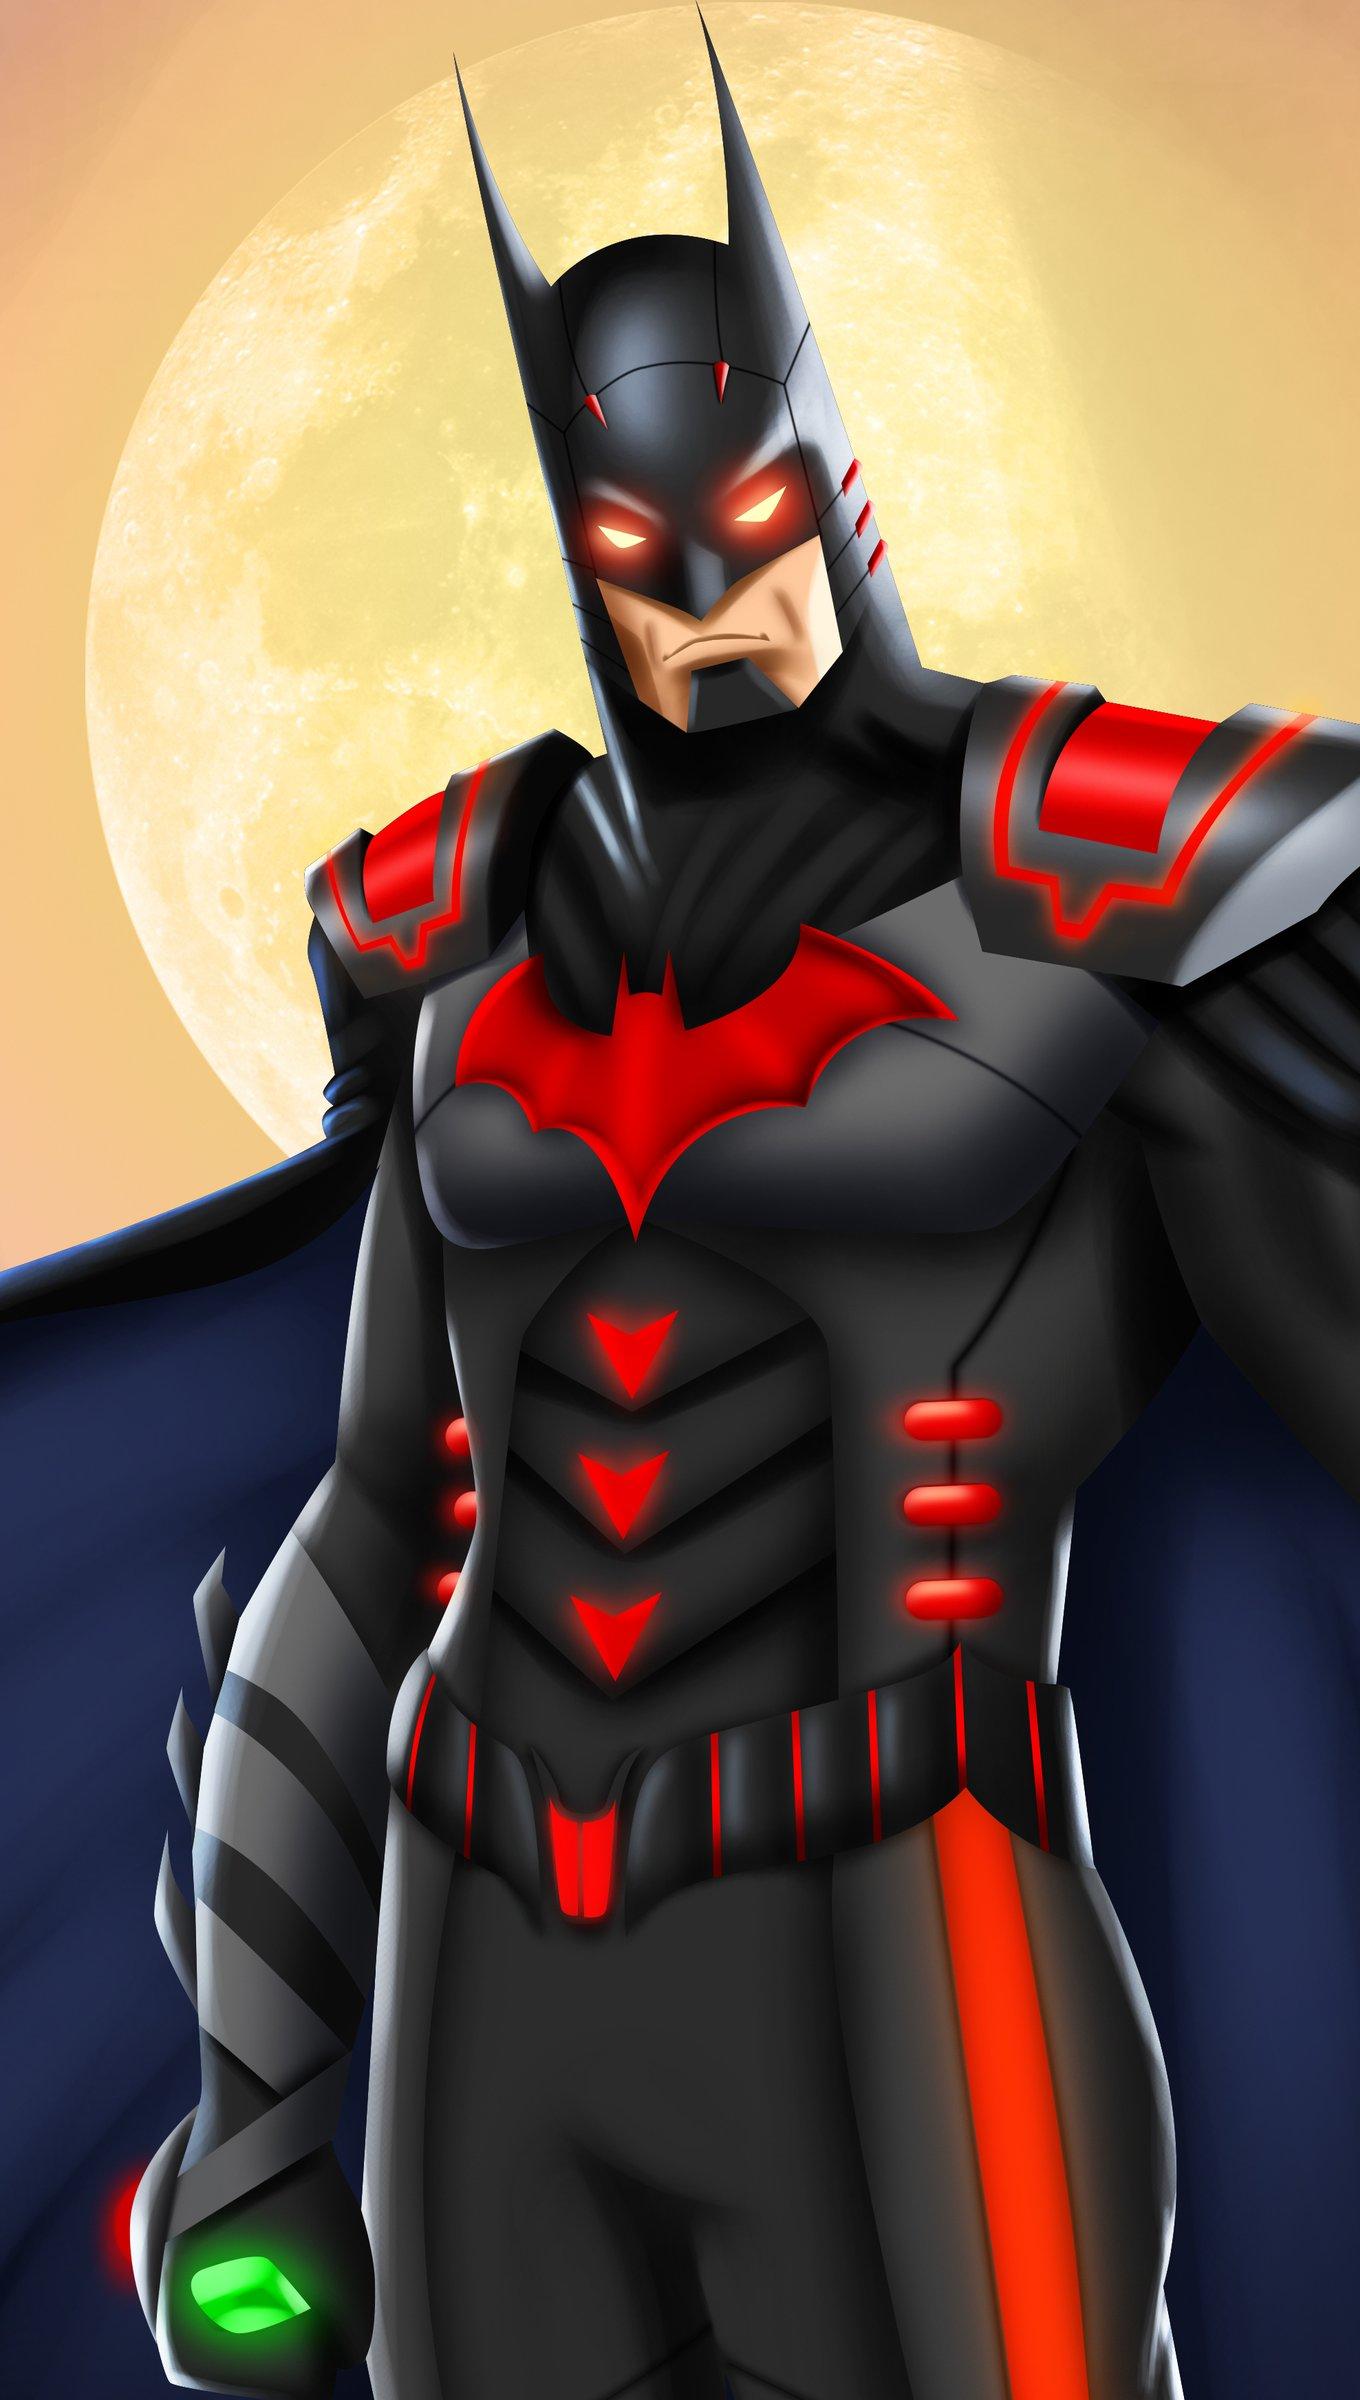 Fondos de pantalla Injustice Regime Batman Vertical